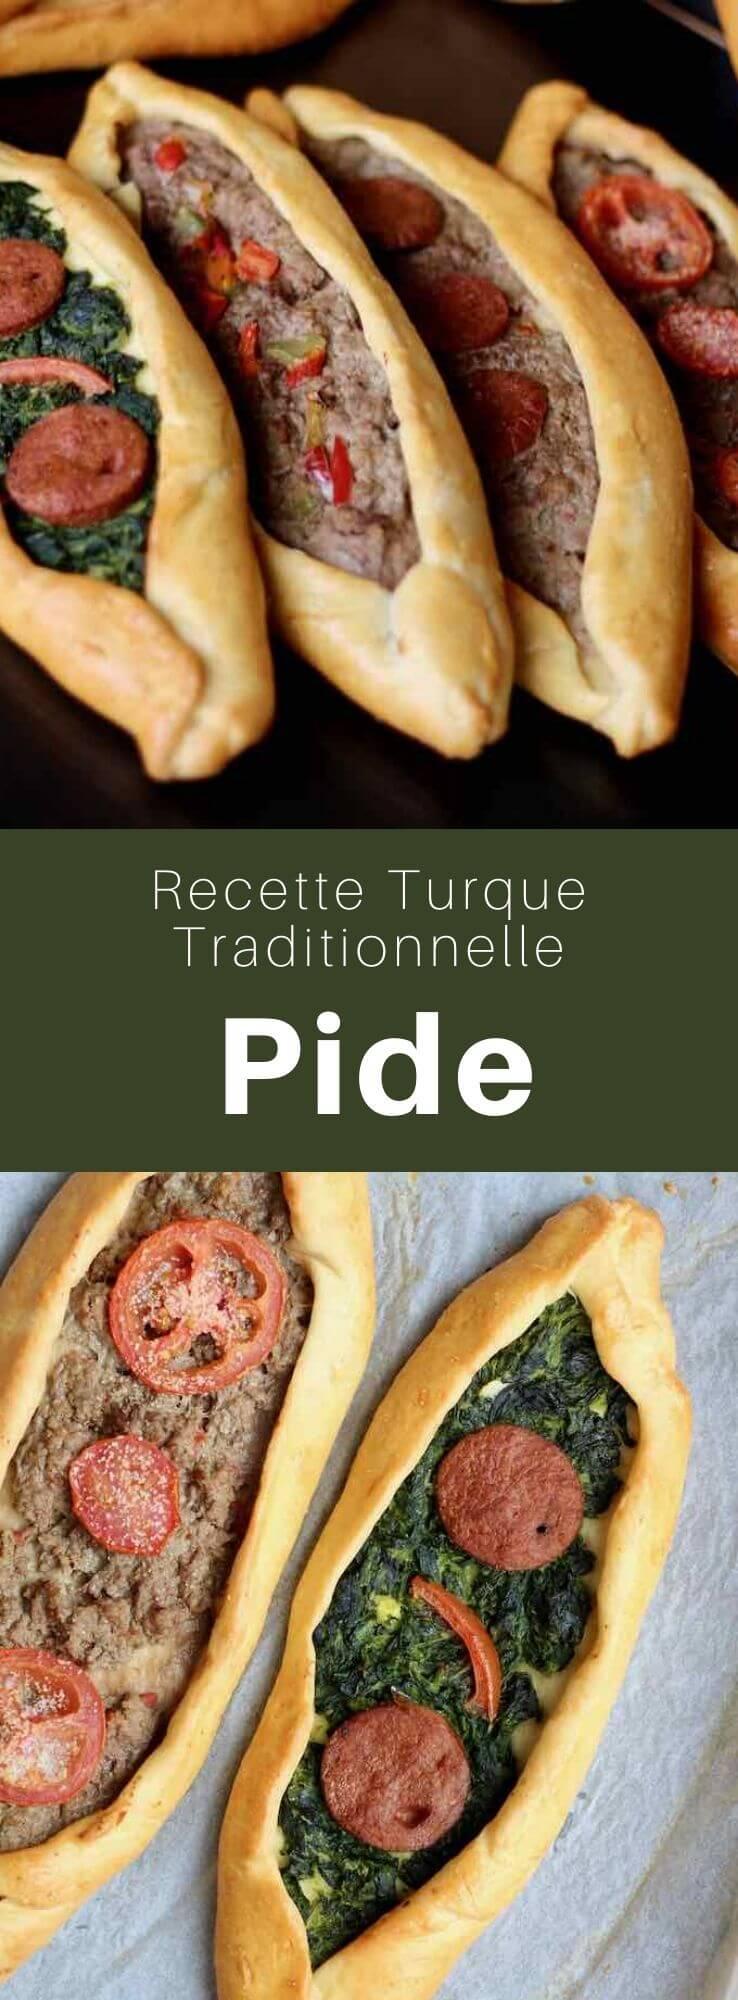 Surnommé la pizza turque, le pide est une pate boulangère en forme de barque garnie de divers ingrédients. Il est proche du lahmacun. #Turquie #RecetteTurque #CuisineTurque #CuisineDuMonde #196flavors